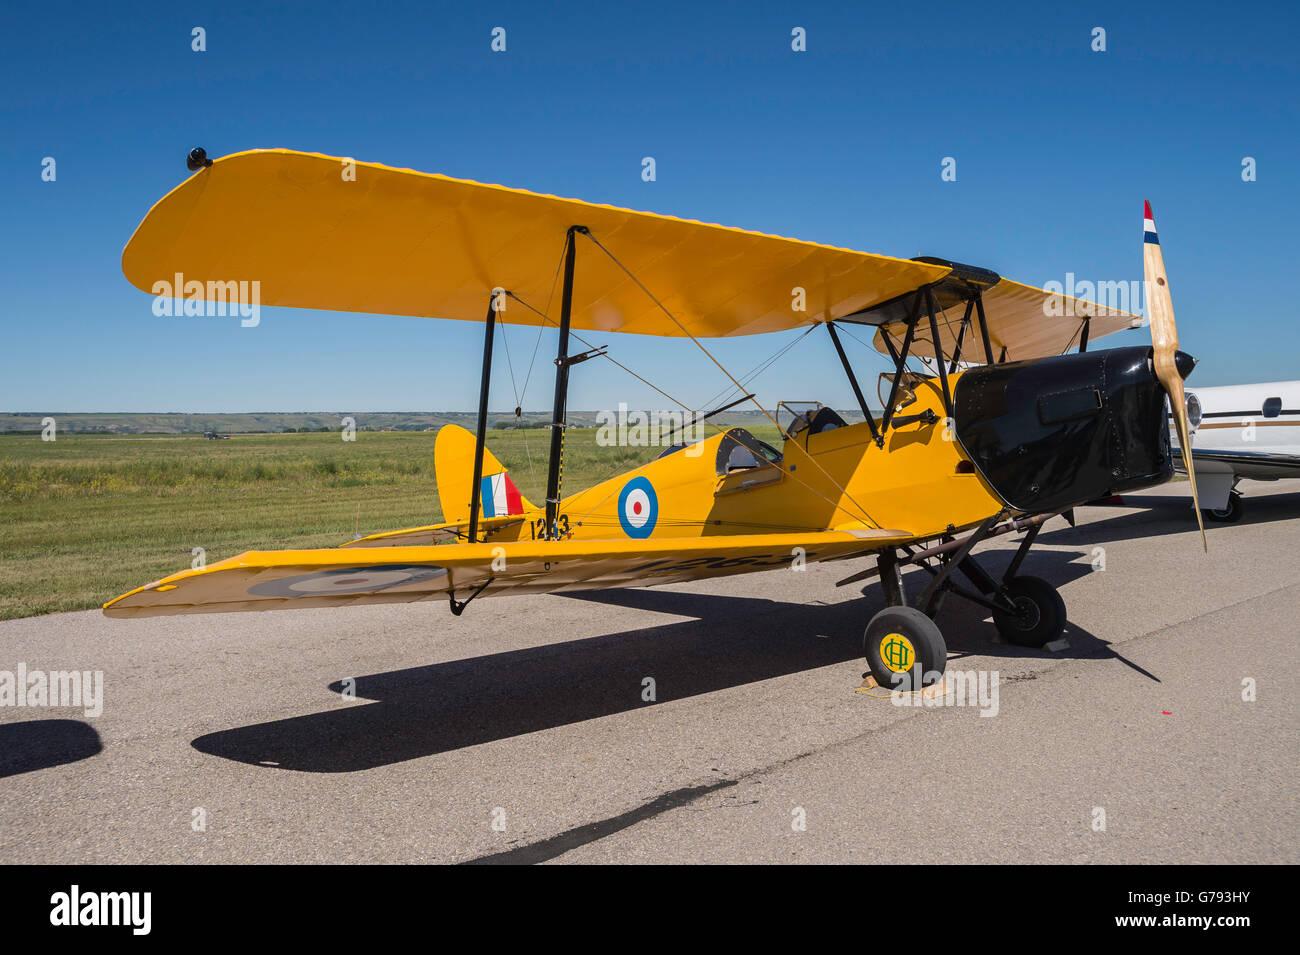 a76839e6d de Havilland DH.82 Tiger Moth, Wings over Springbank, Springbank Airshow,  Alberta, Canada